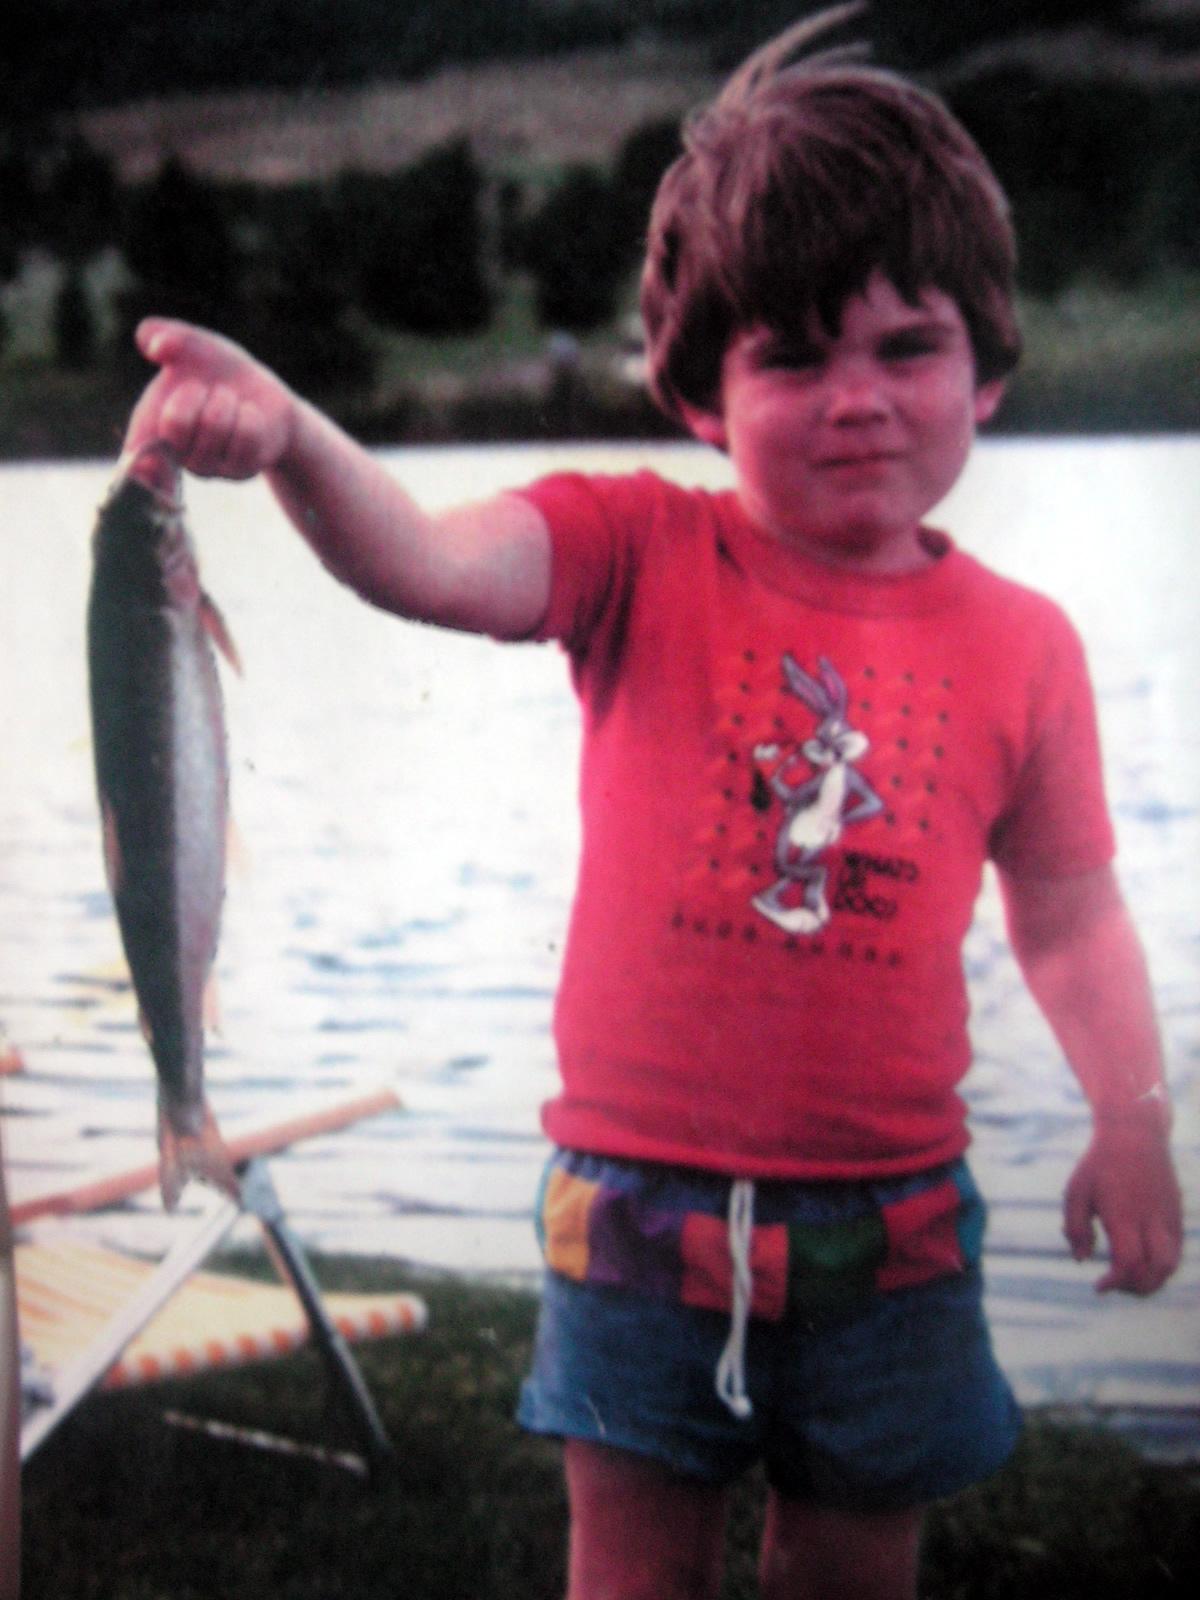 [fish&boy+002.jpg]